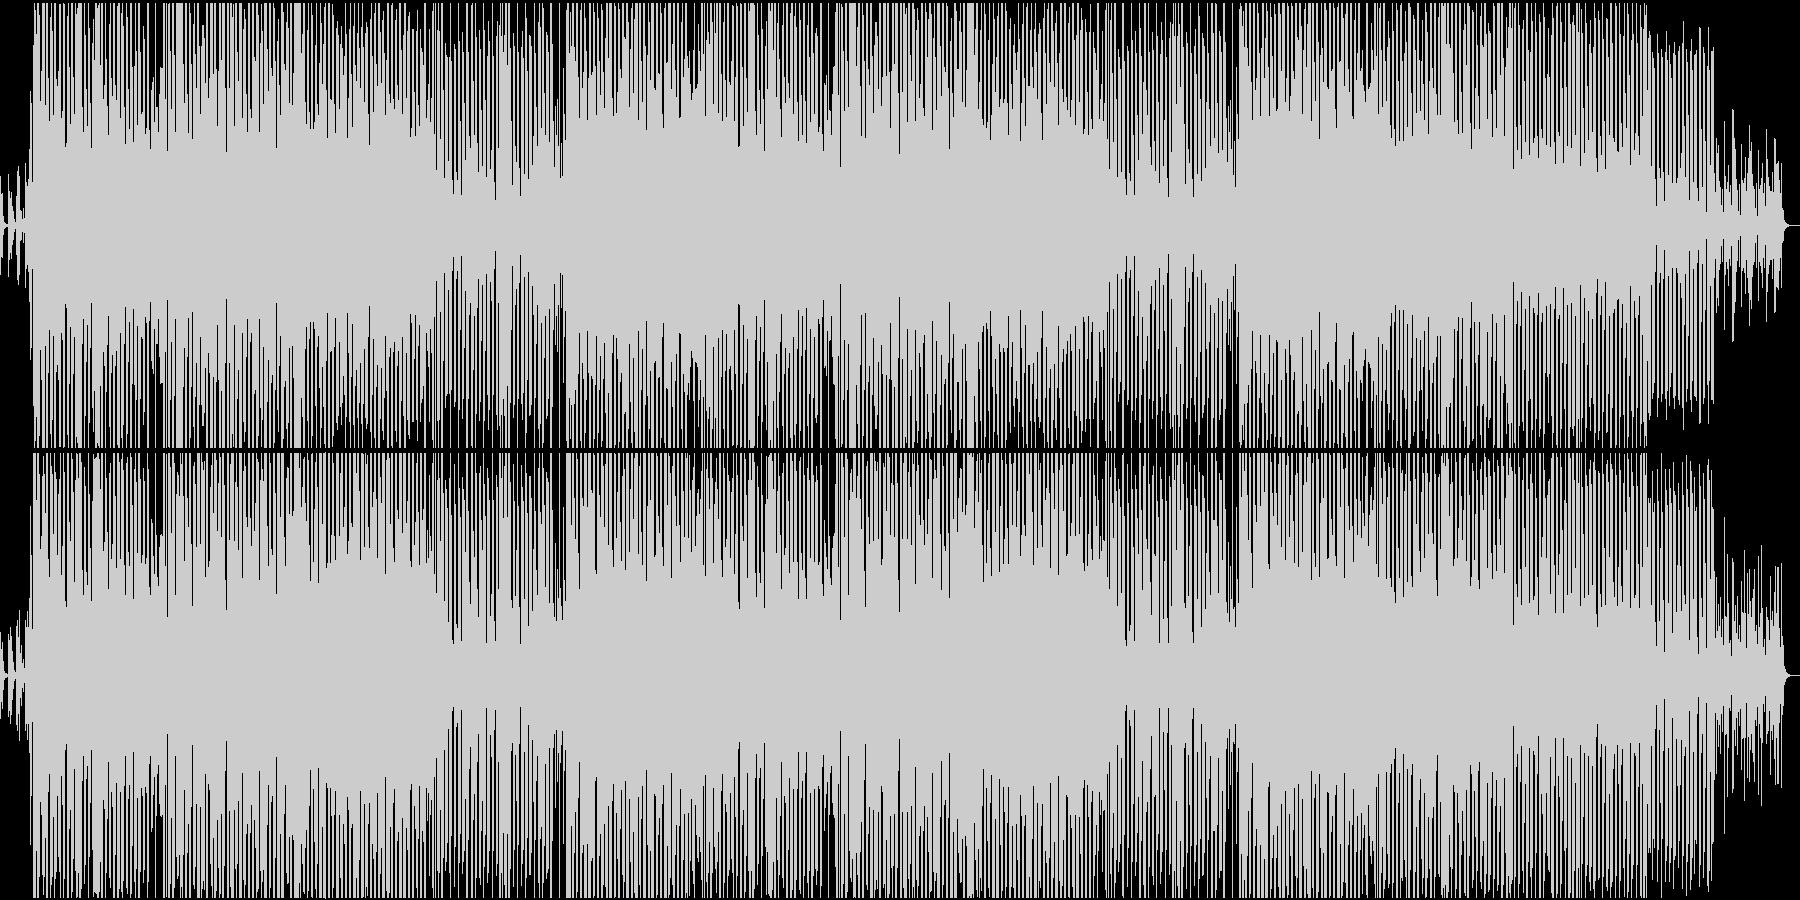 ディスコ風味の明るいポップナンバーの未再生の波形